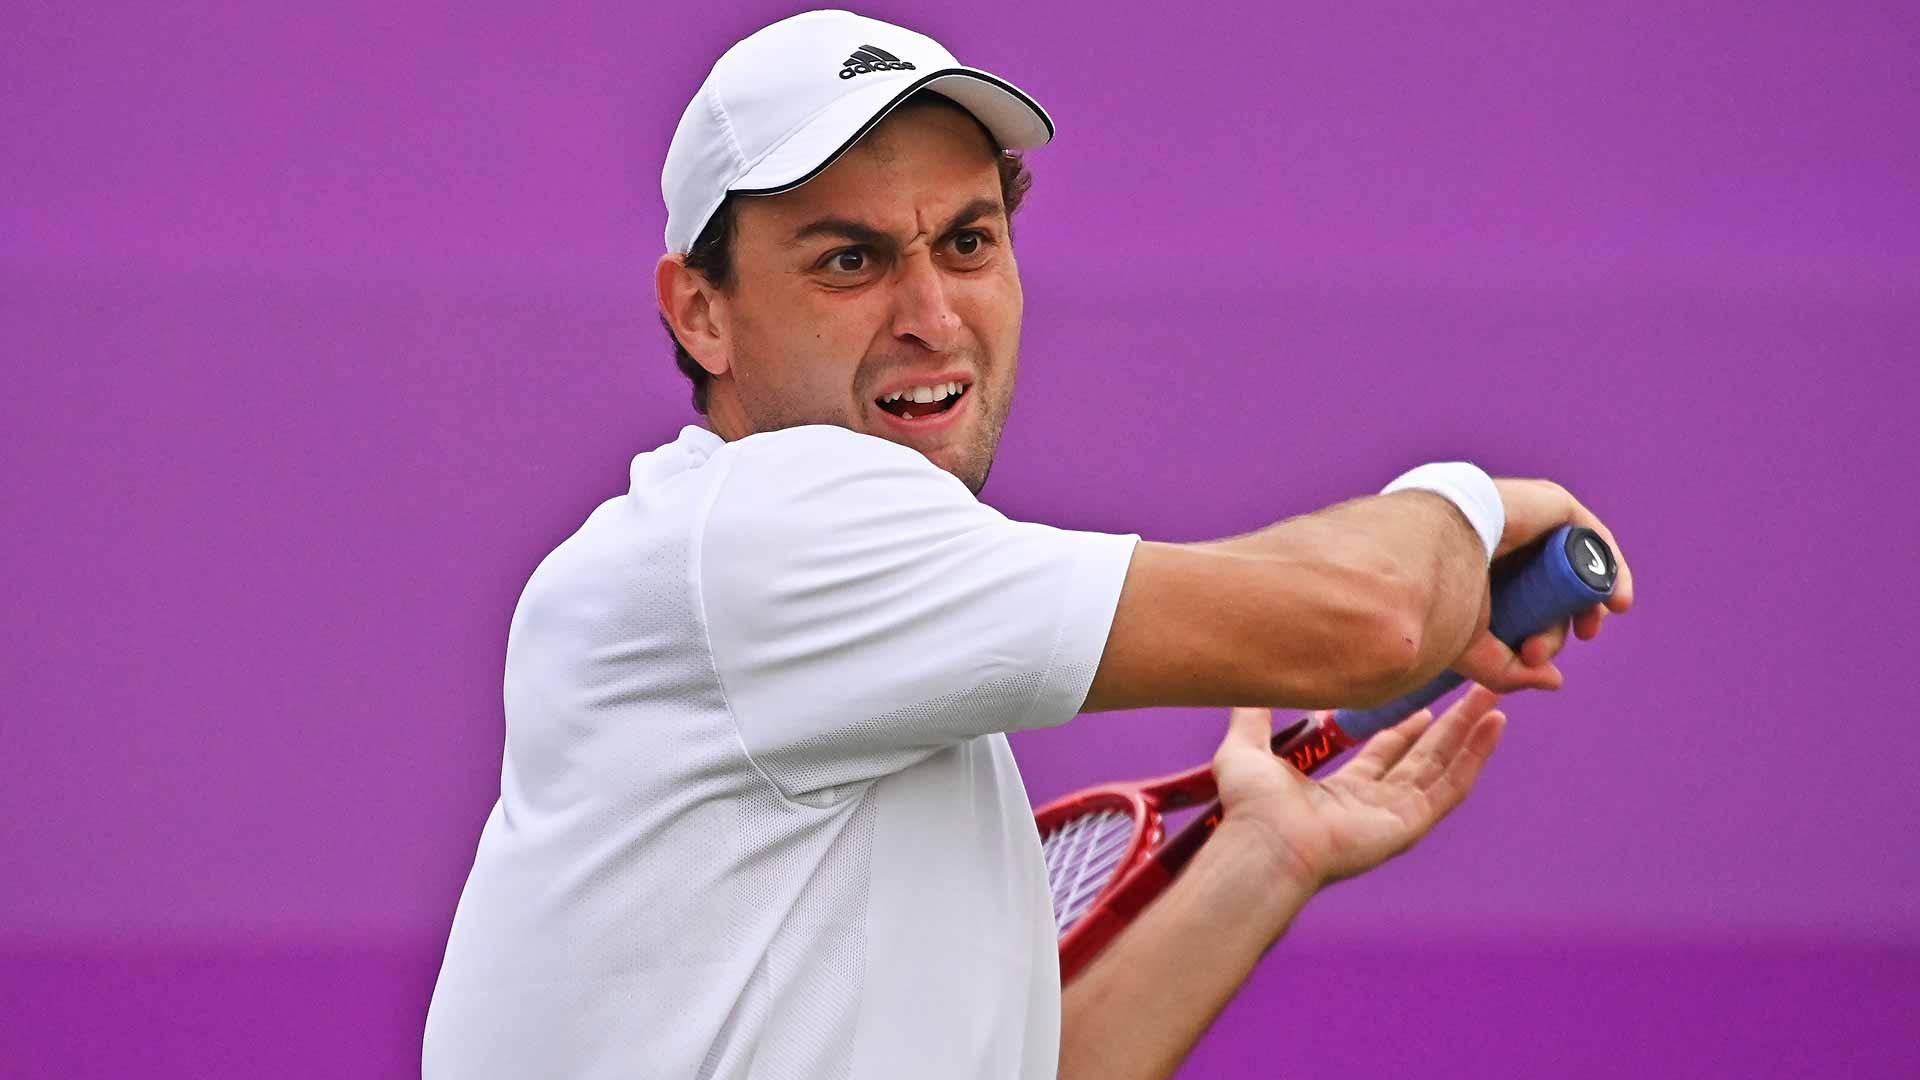 Queen's Open 2021: Aslan Karatsev vs. Cameron Norrie Tennis Pick and Prediction